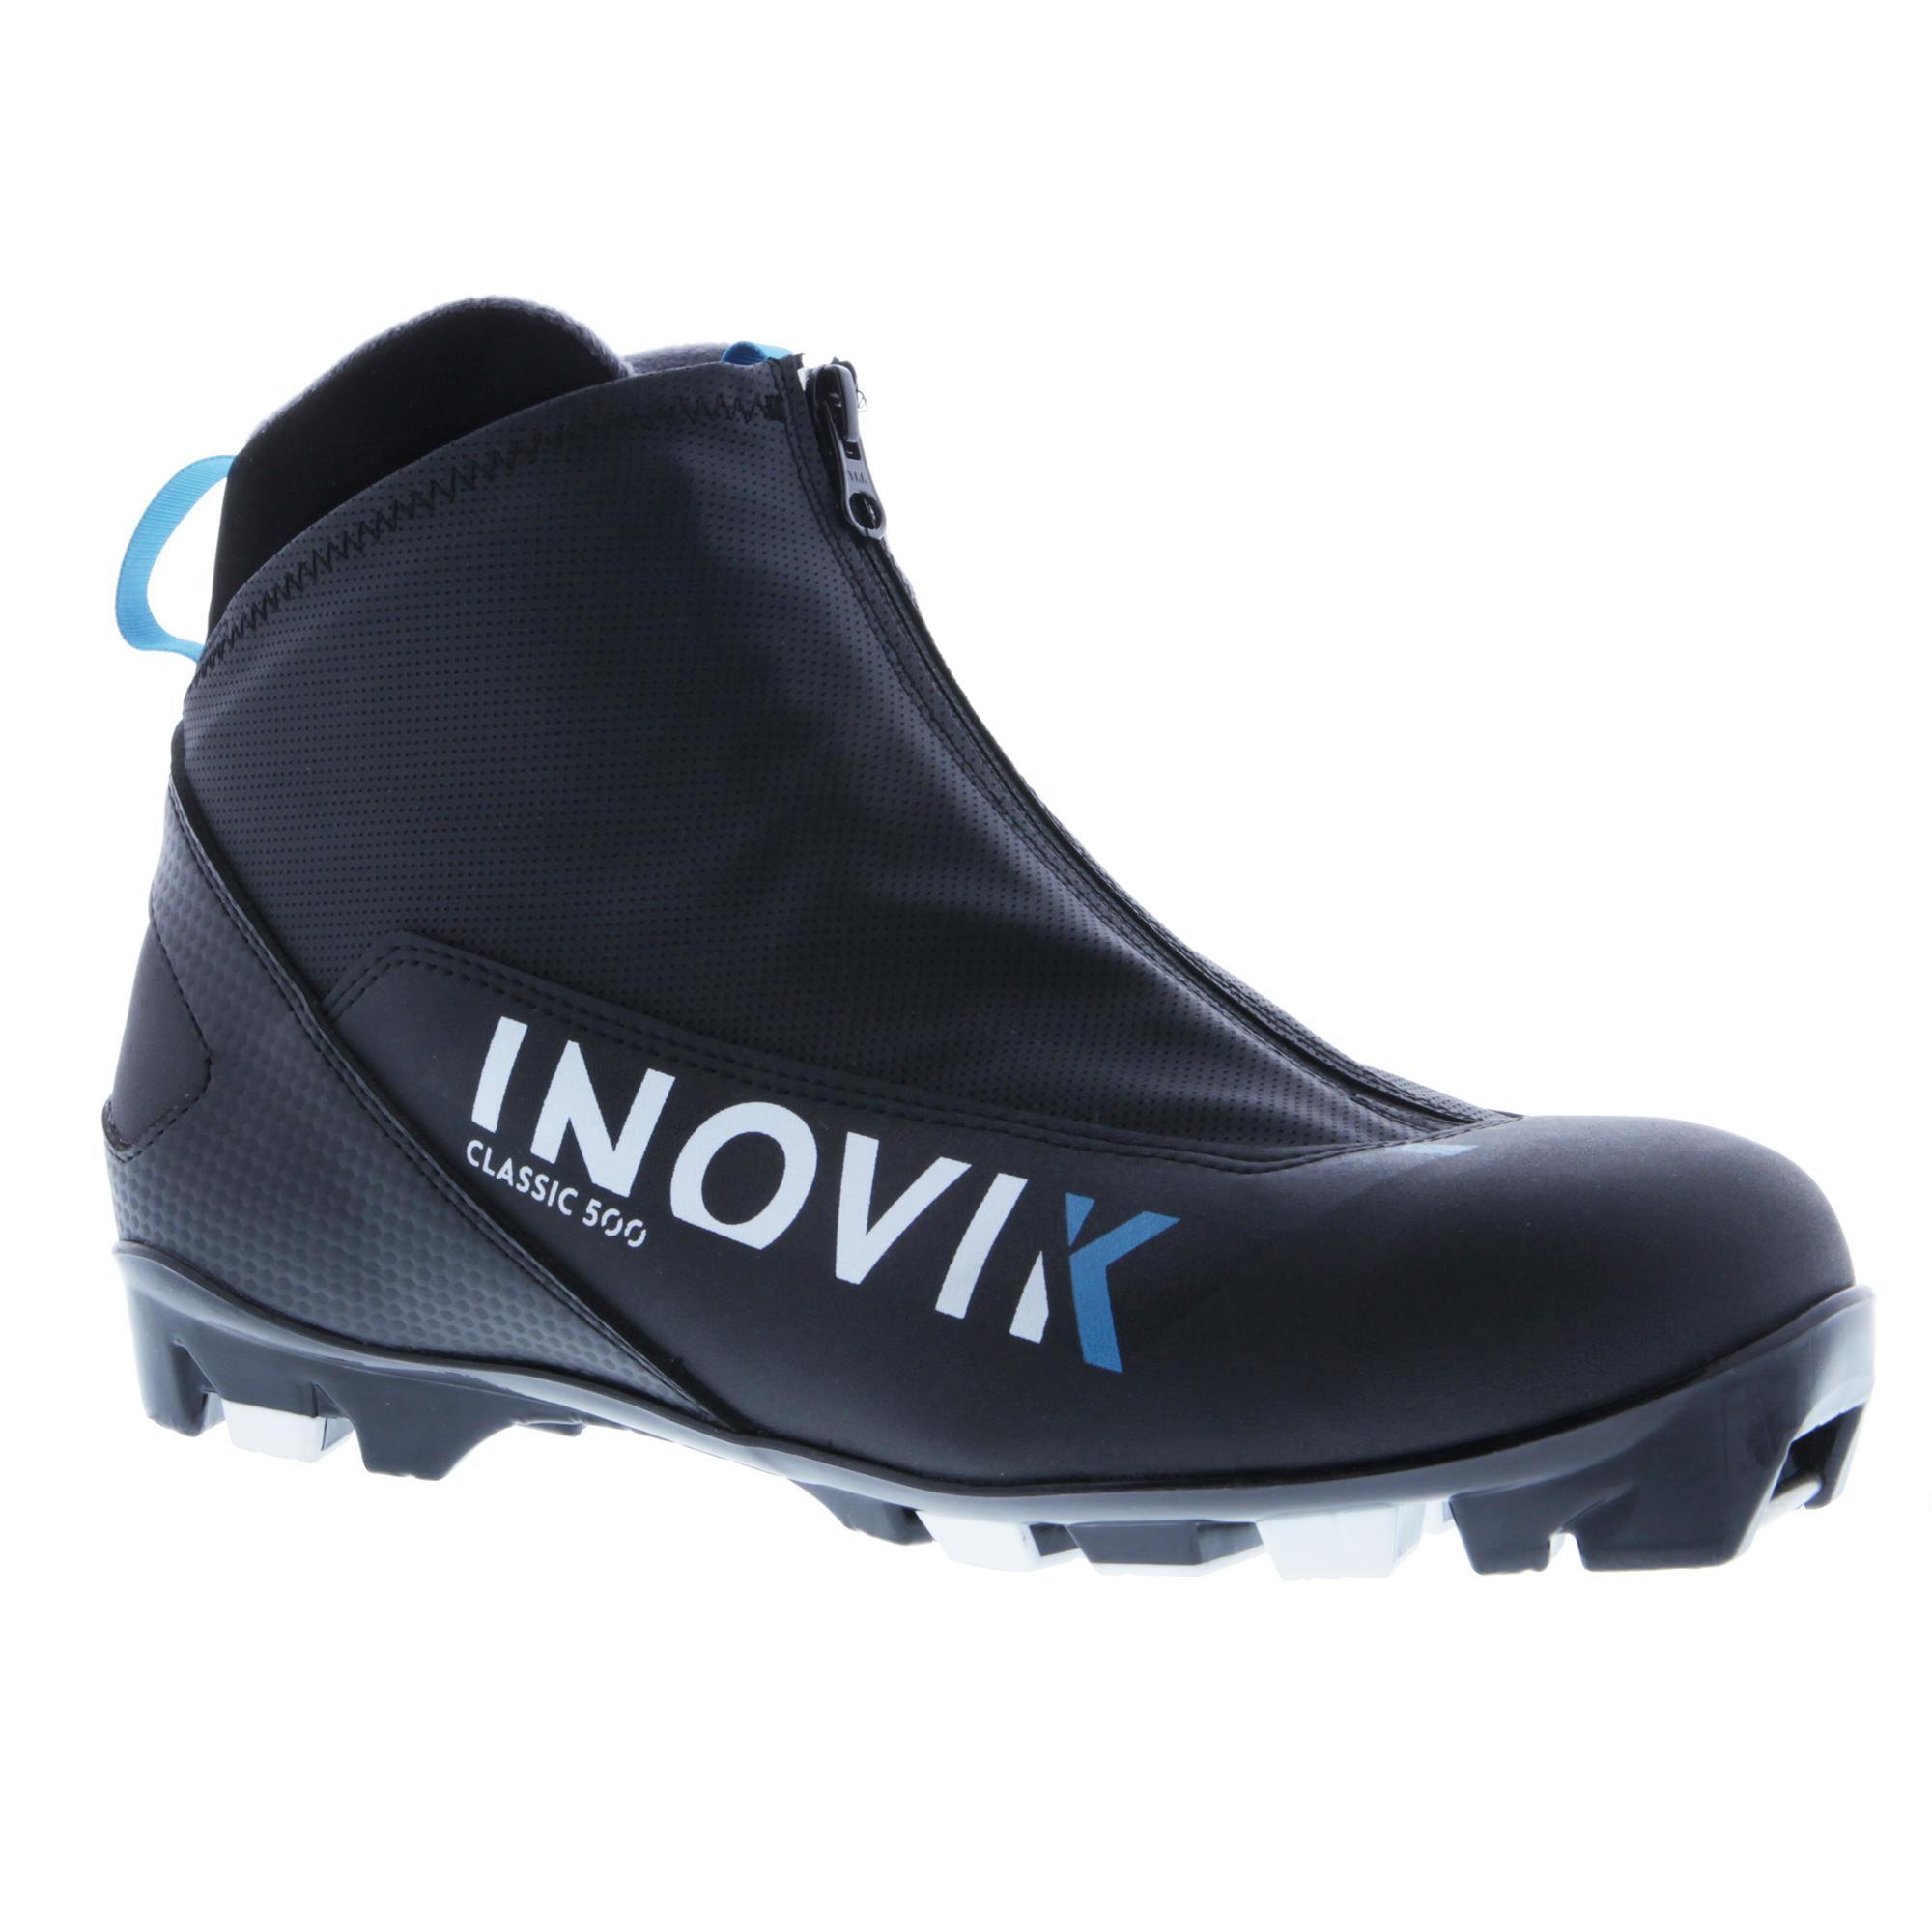 Inovik Langlauf boots klassiek langlaufen volwassenen XC S boots 500